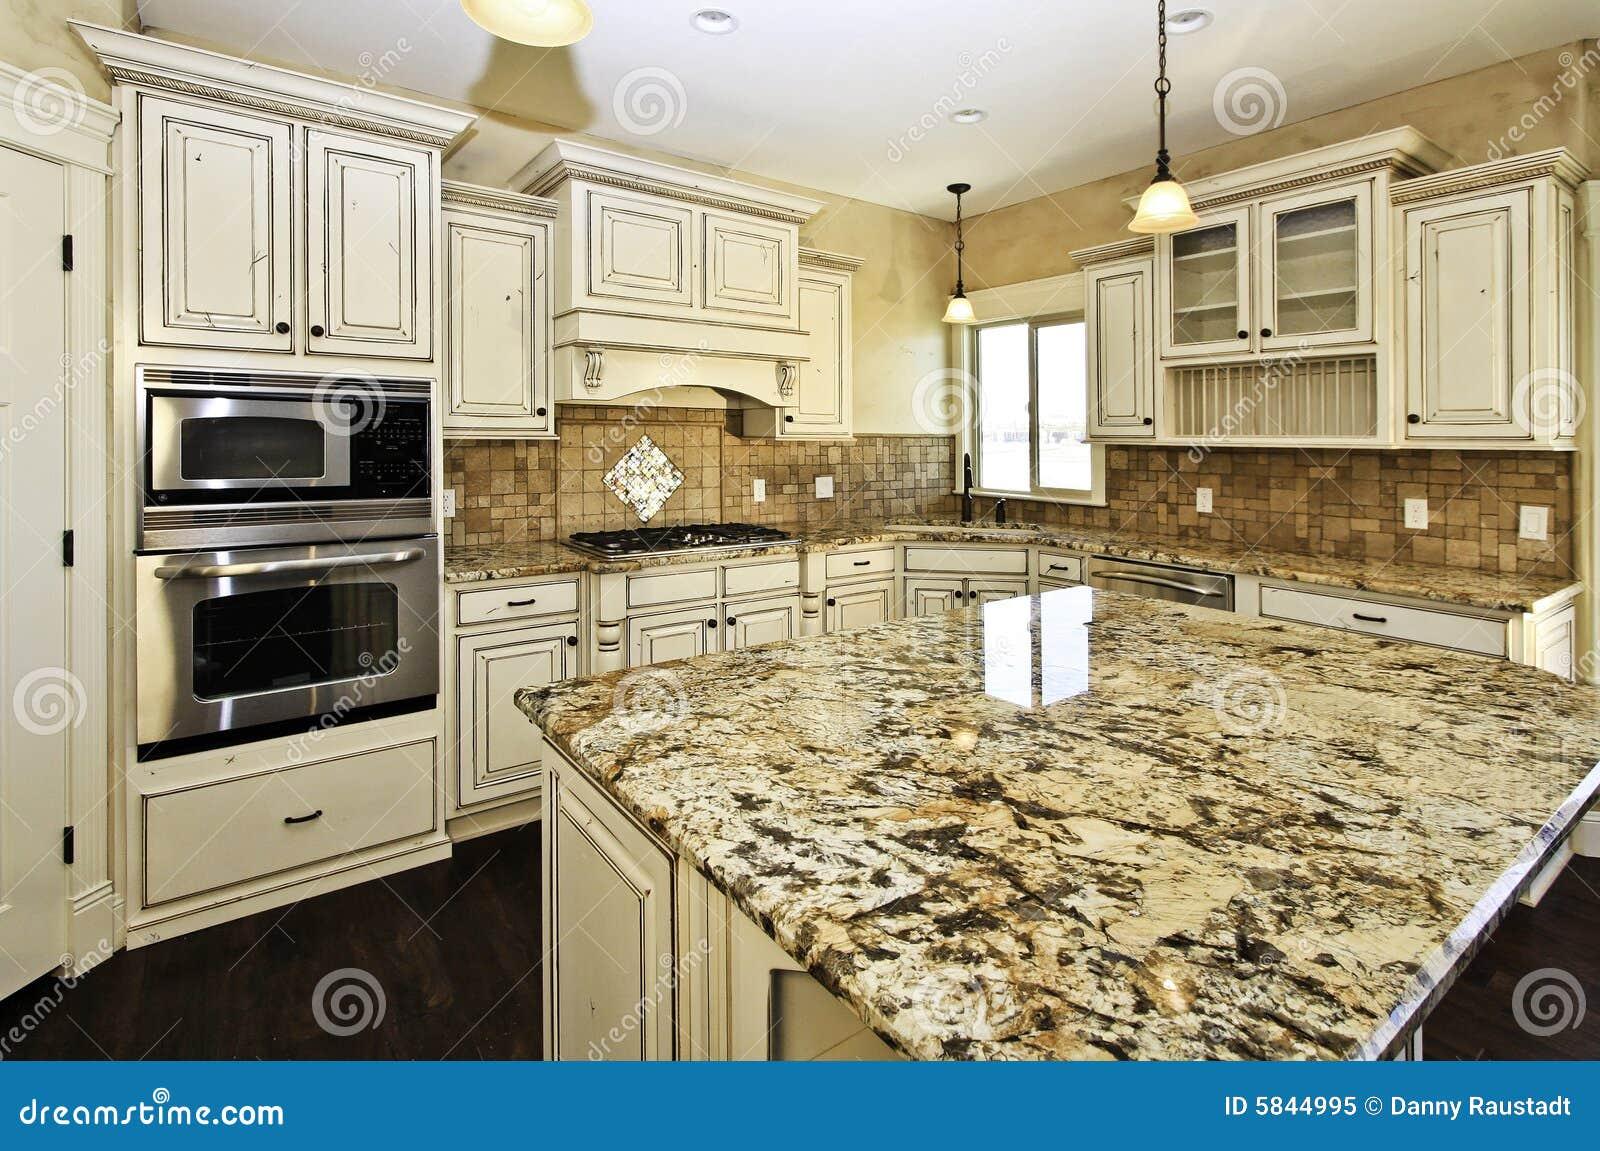 Spacious white luxury kitchen